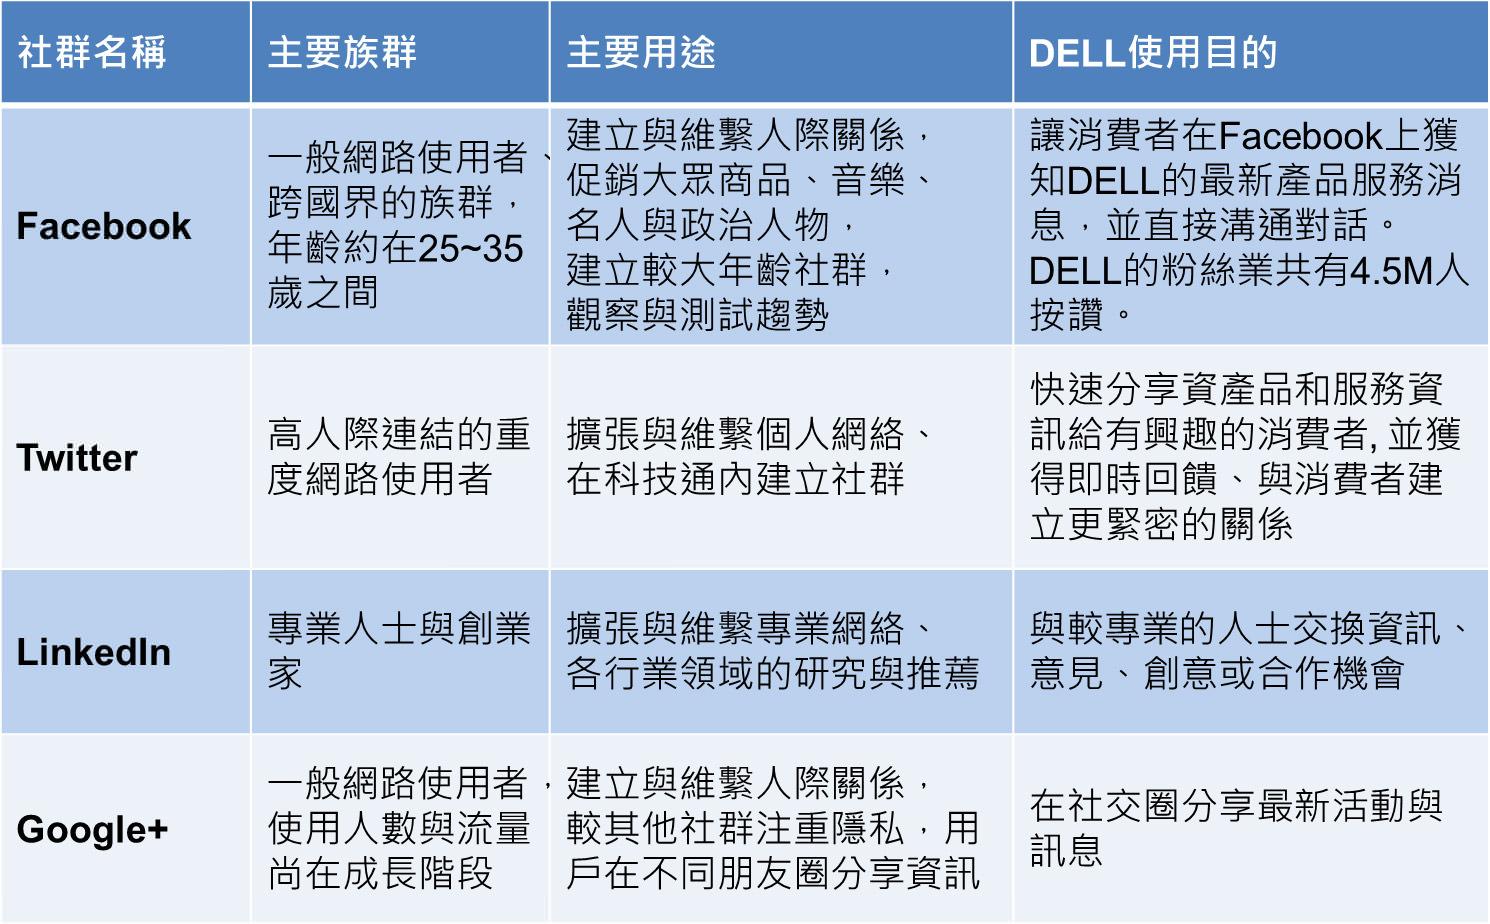 表二 DELL與四個主要社群